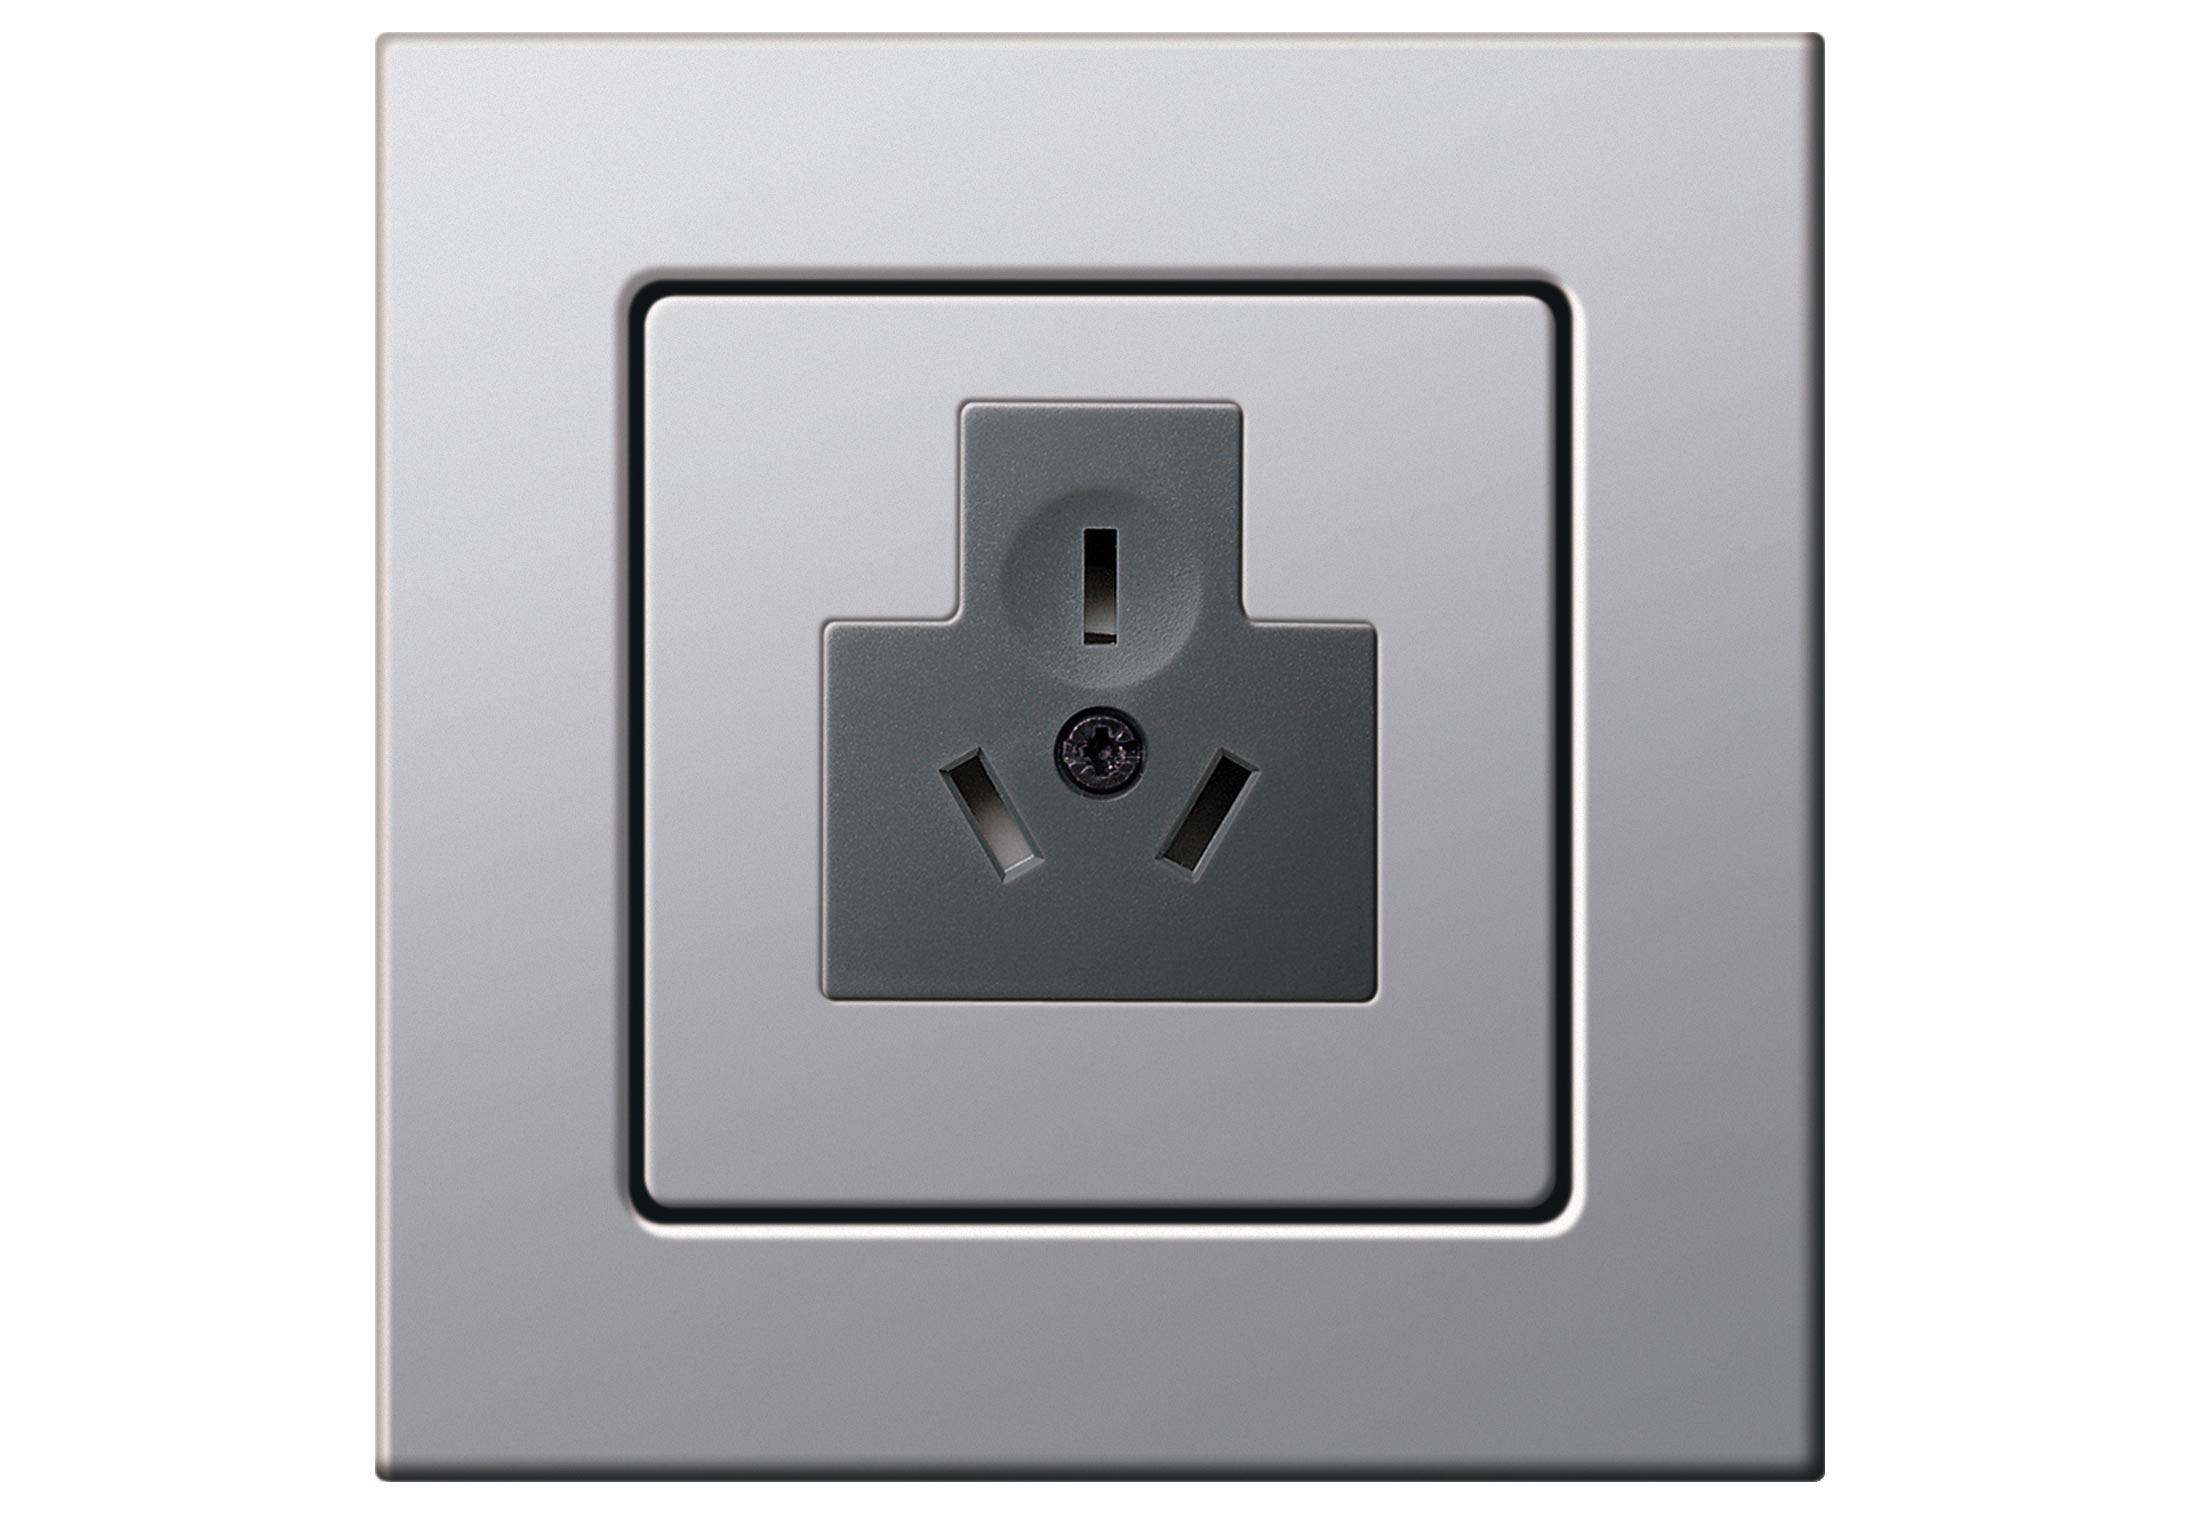 E22 socket by Gira | STYLEPARK